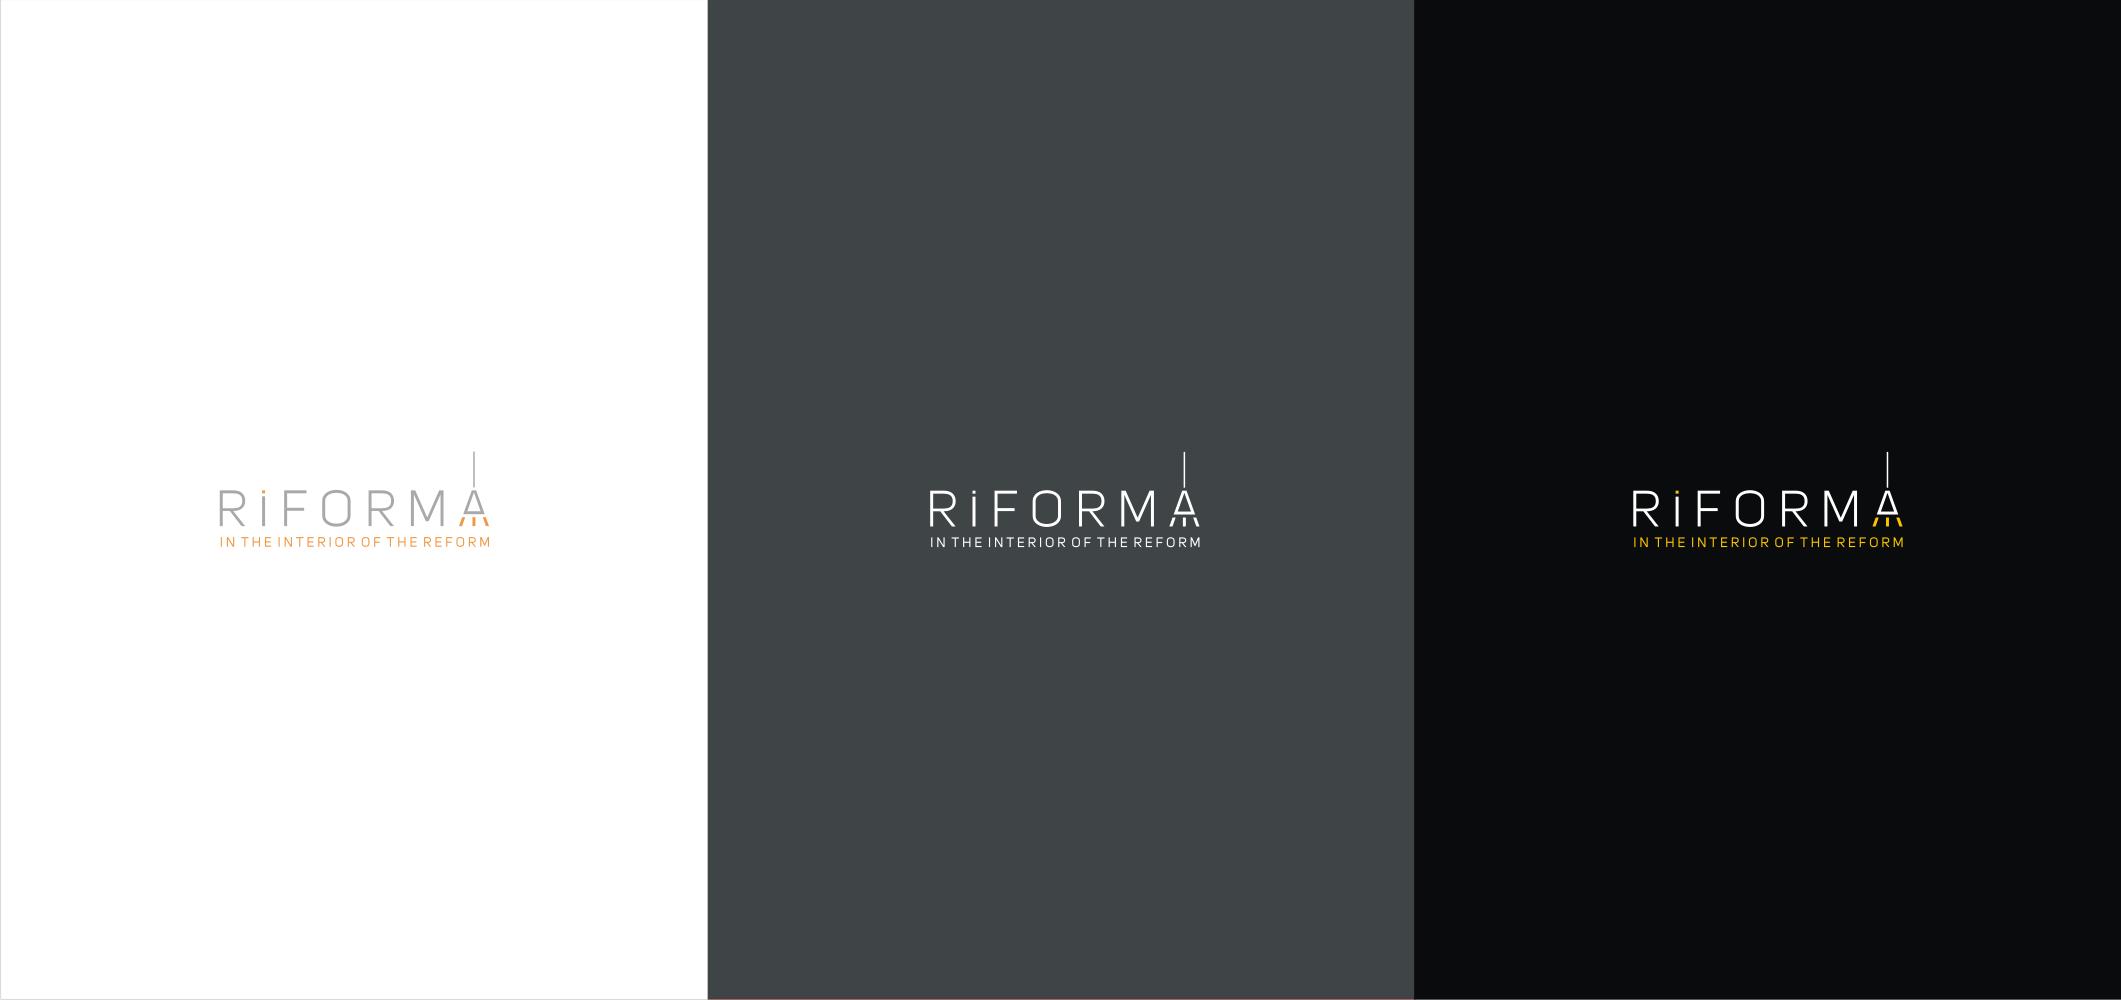 Разработка логотипа и элементов фирменного стиля фото f_43657a650002b871.png